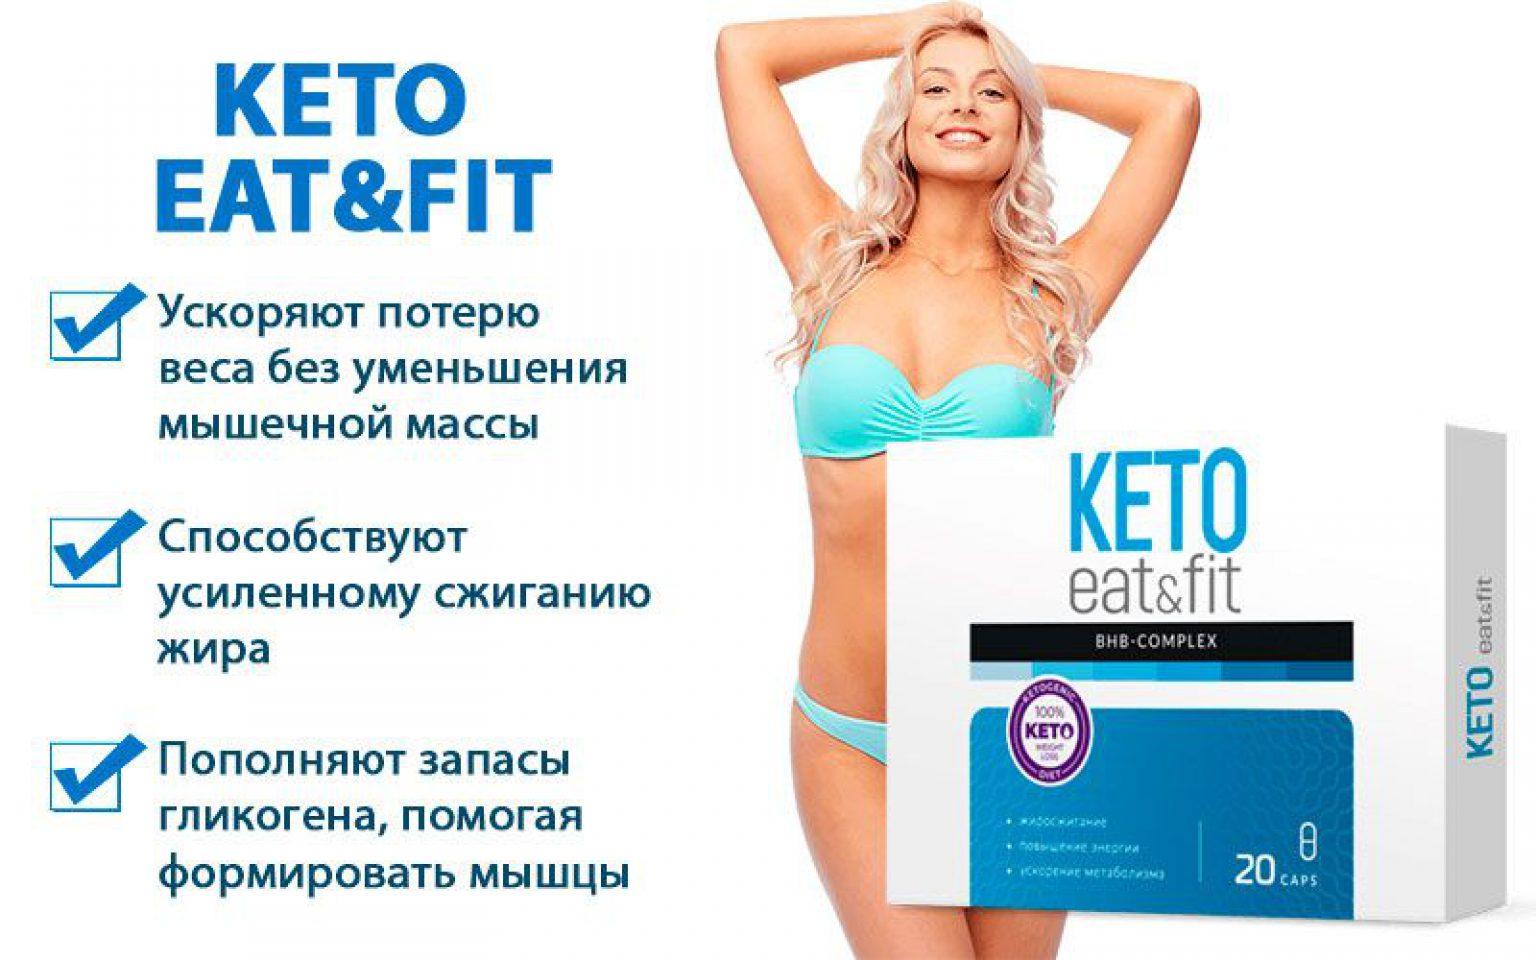 Keto Eat&Fit — капсулы для похудения